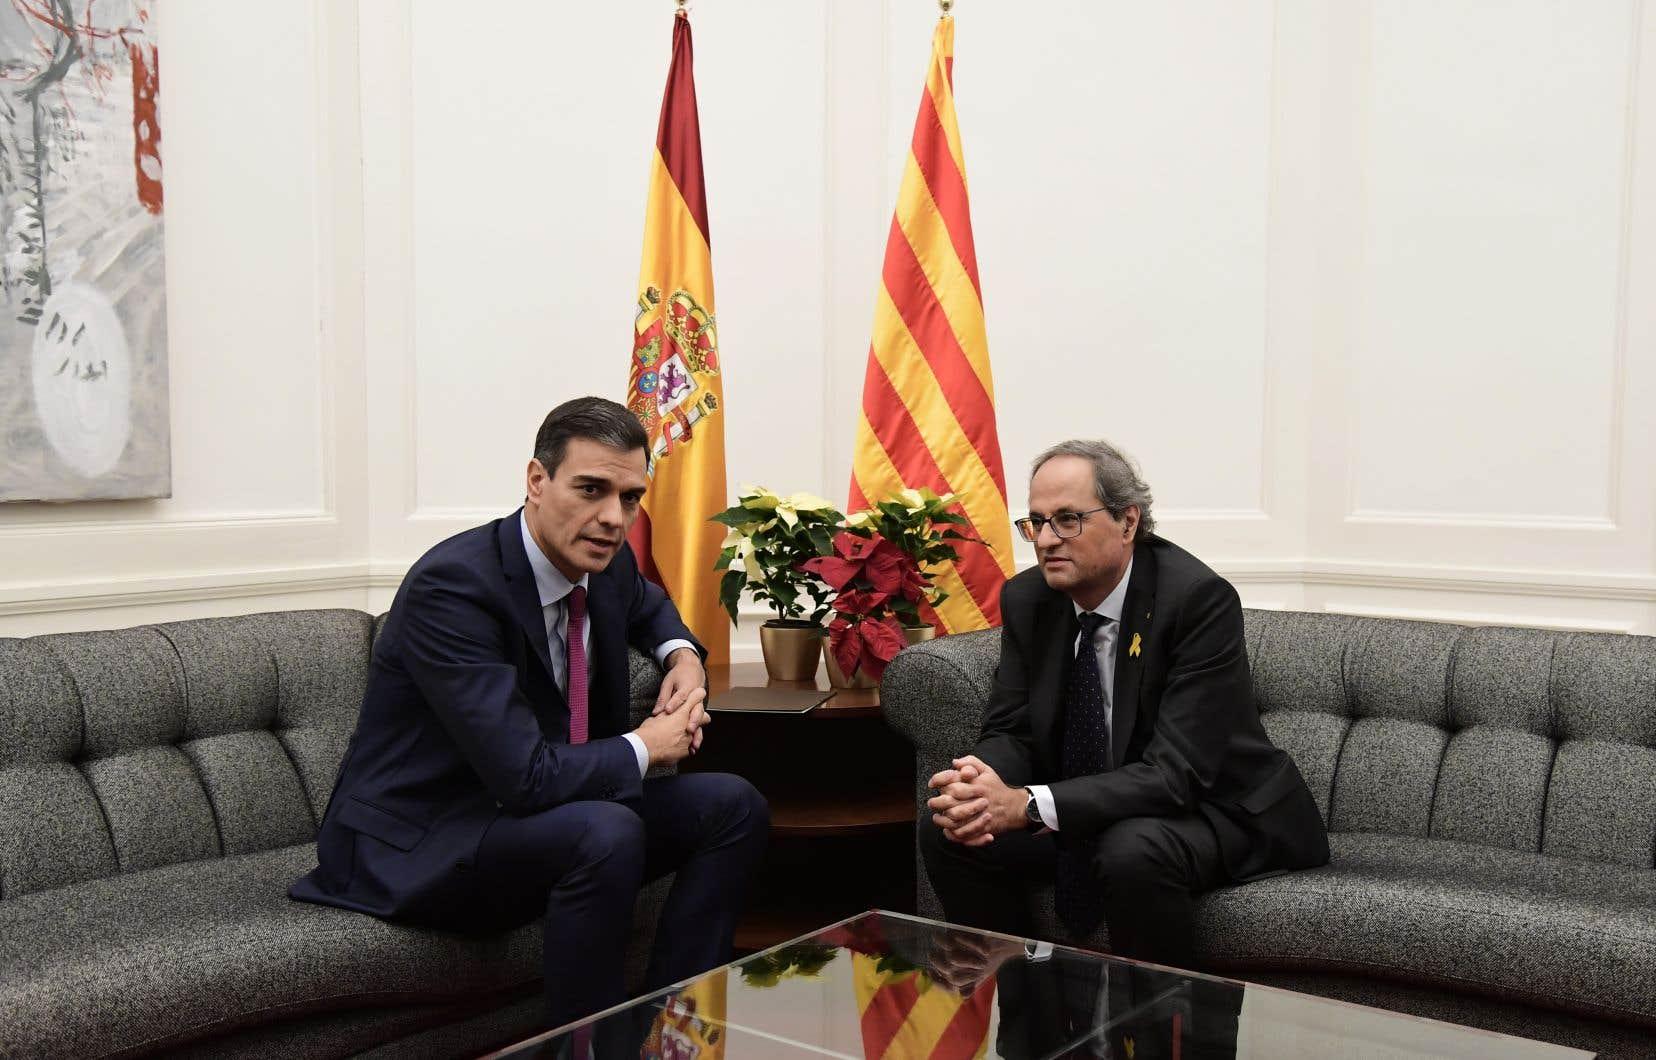 Une nouvelle rencontre entre MM.Sanchez et Torra pourrait intervenir dès le mois de janvier.